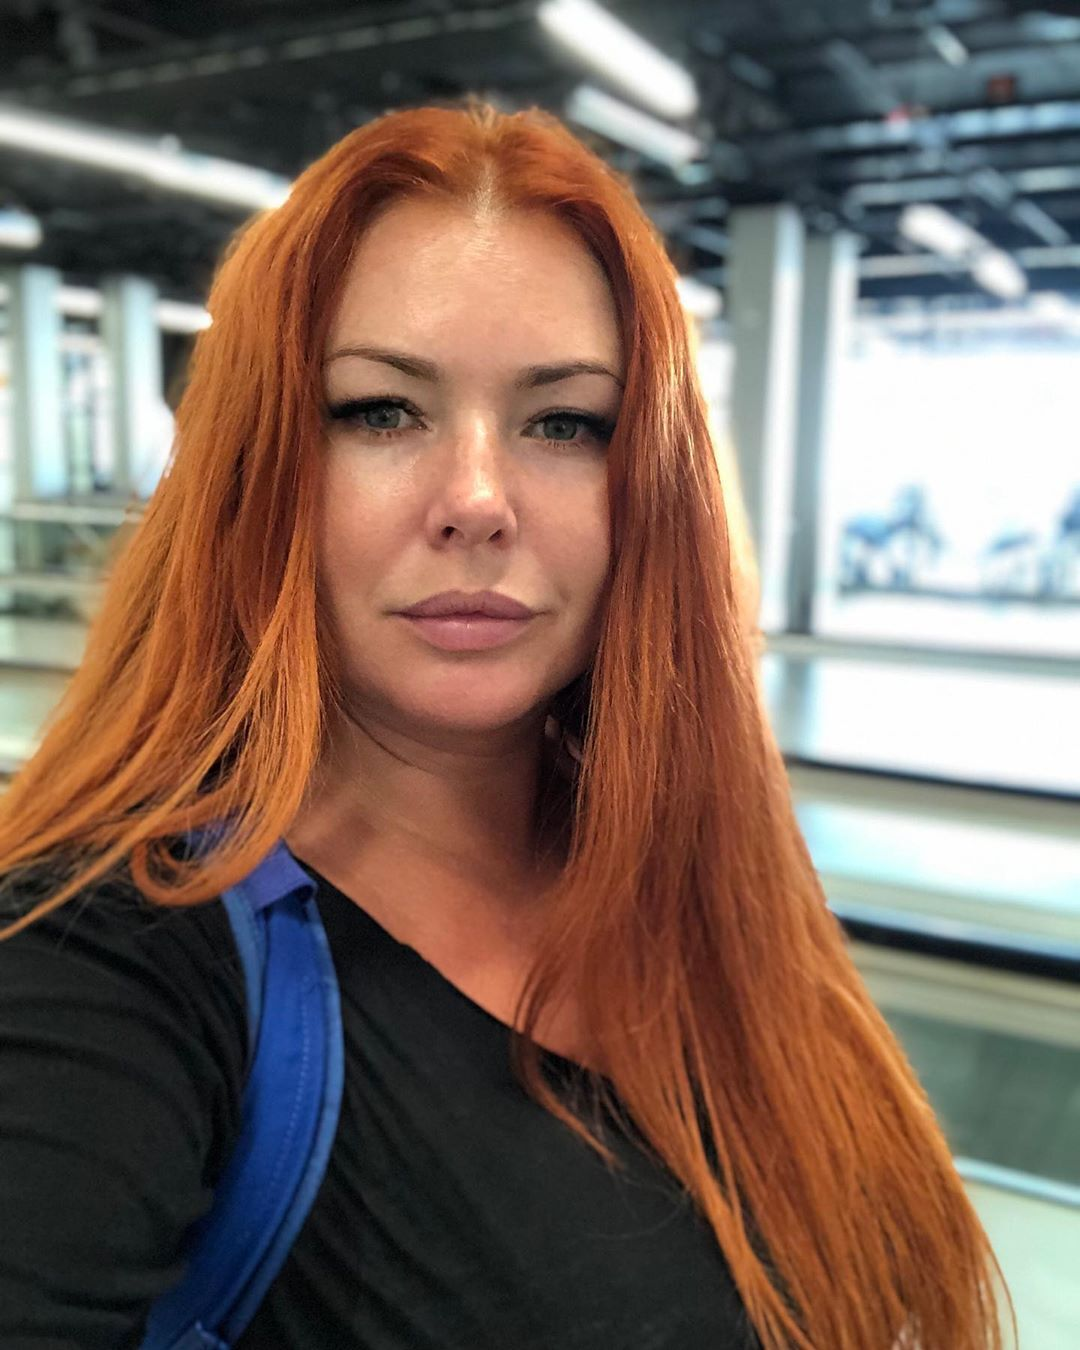 Хвора на коронавірус російська актриса втекла з карантину